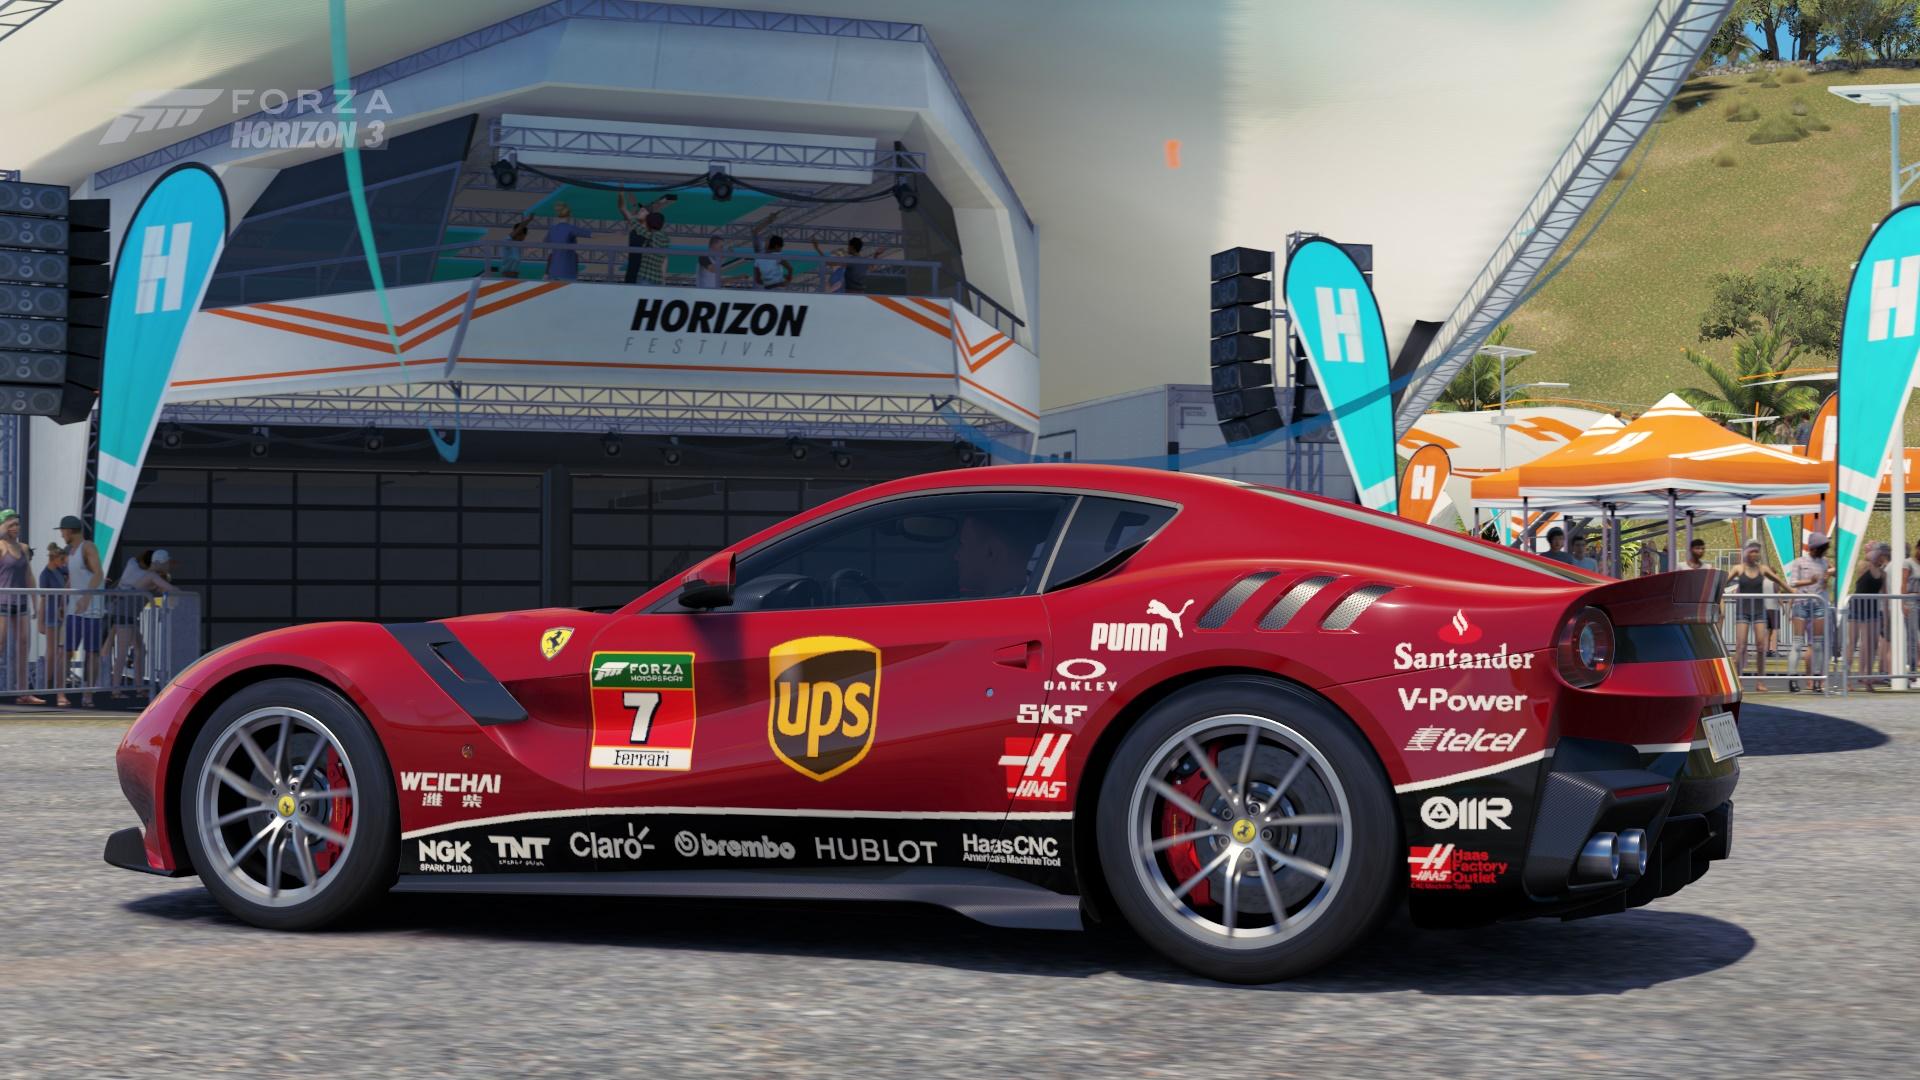 Dlk race fantasy originals ryno workx garage nfl for Garage bmw horizon